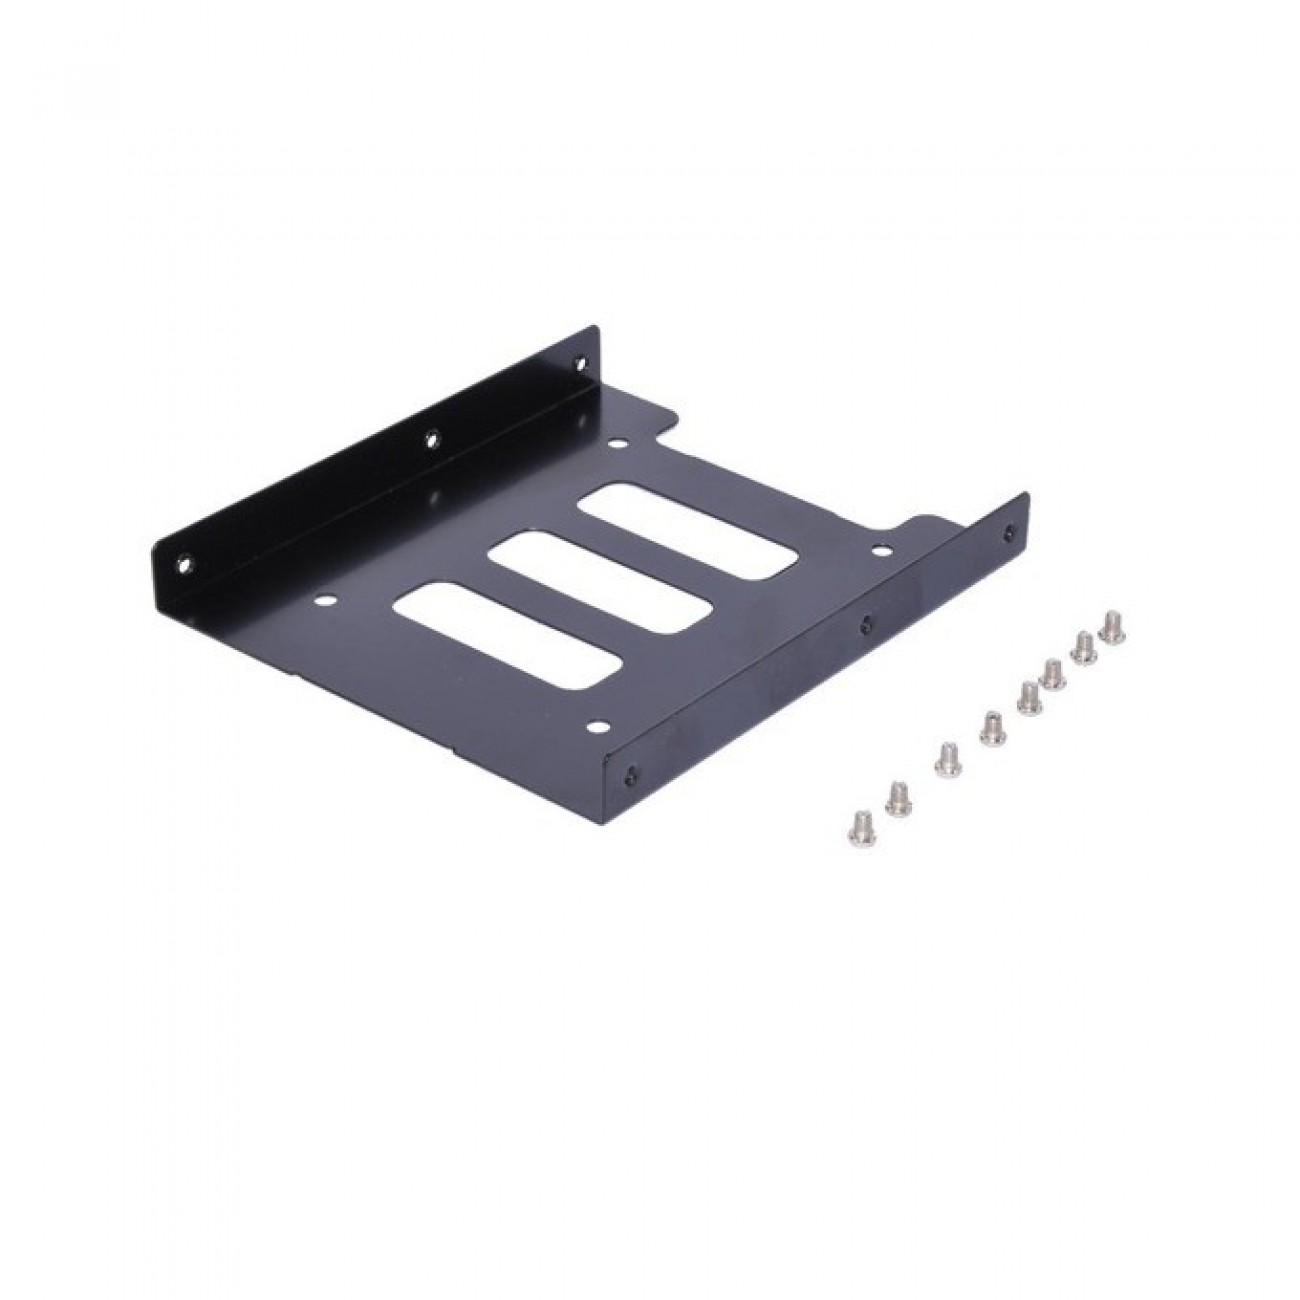 Преходник (mounting bracket) Makki MAKKI-HDB-250, от 2.5 HDD/SSD към 3.5 HDD/SSD, черен в Твърди дискове Аксесоари -  | Alleop